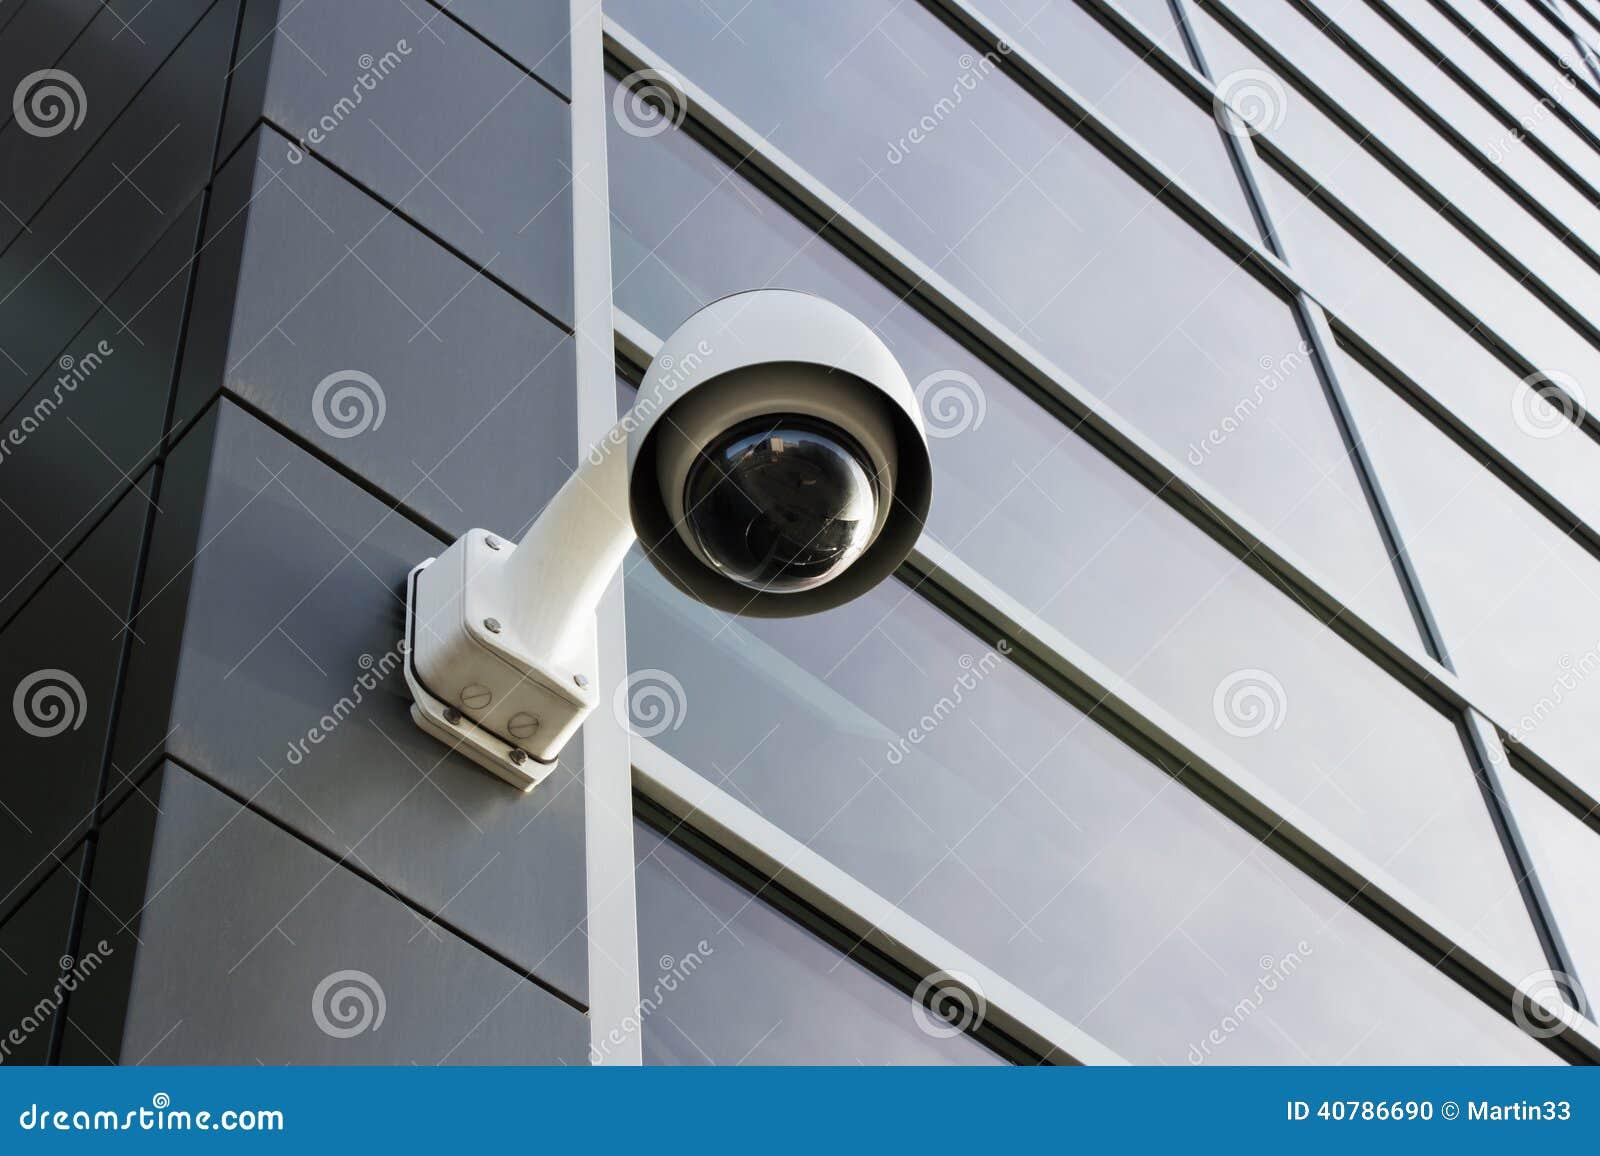 De camera van de veiligheid